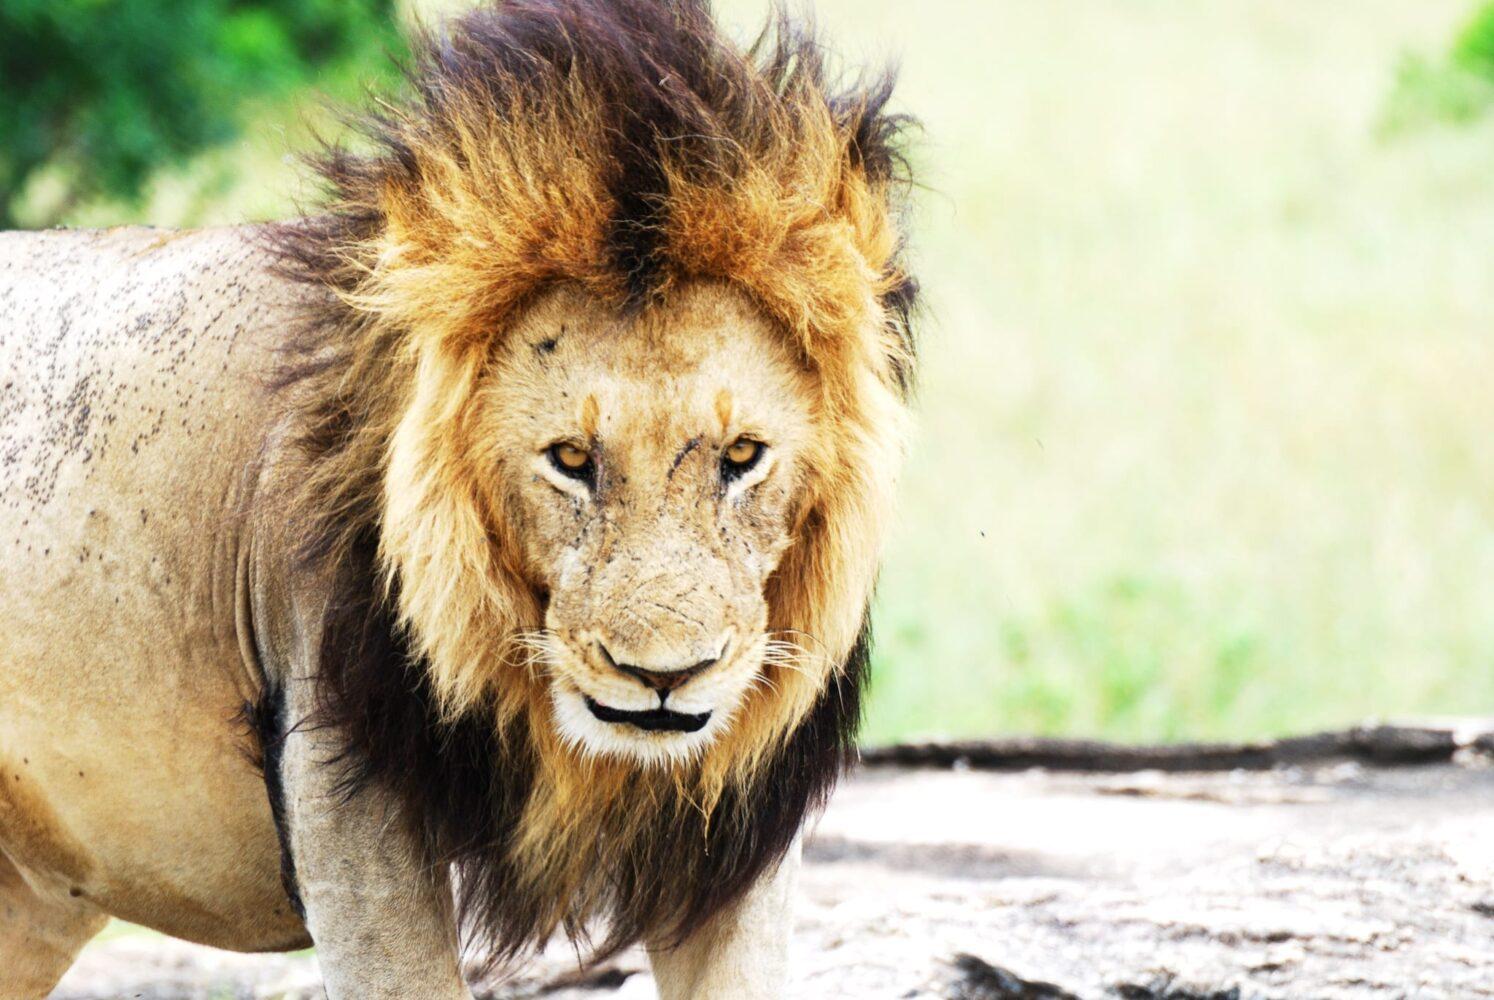 Tips inför din resa till Kenya - ta med kameran så du kan ta bilder på djuren du ser, som lejonhannen här